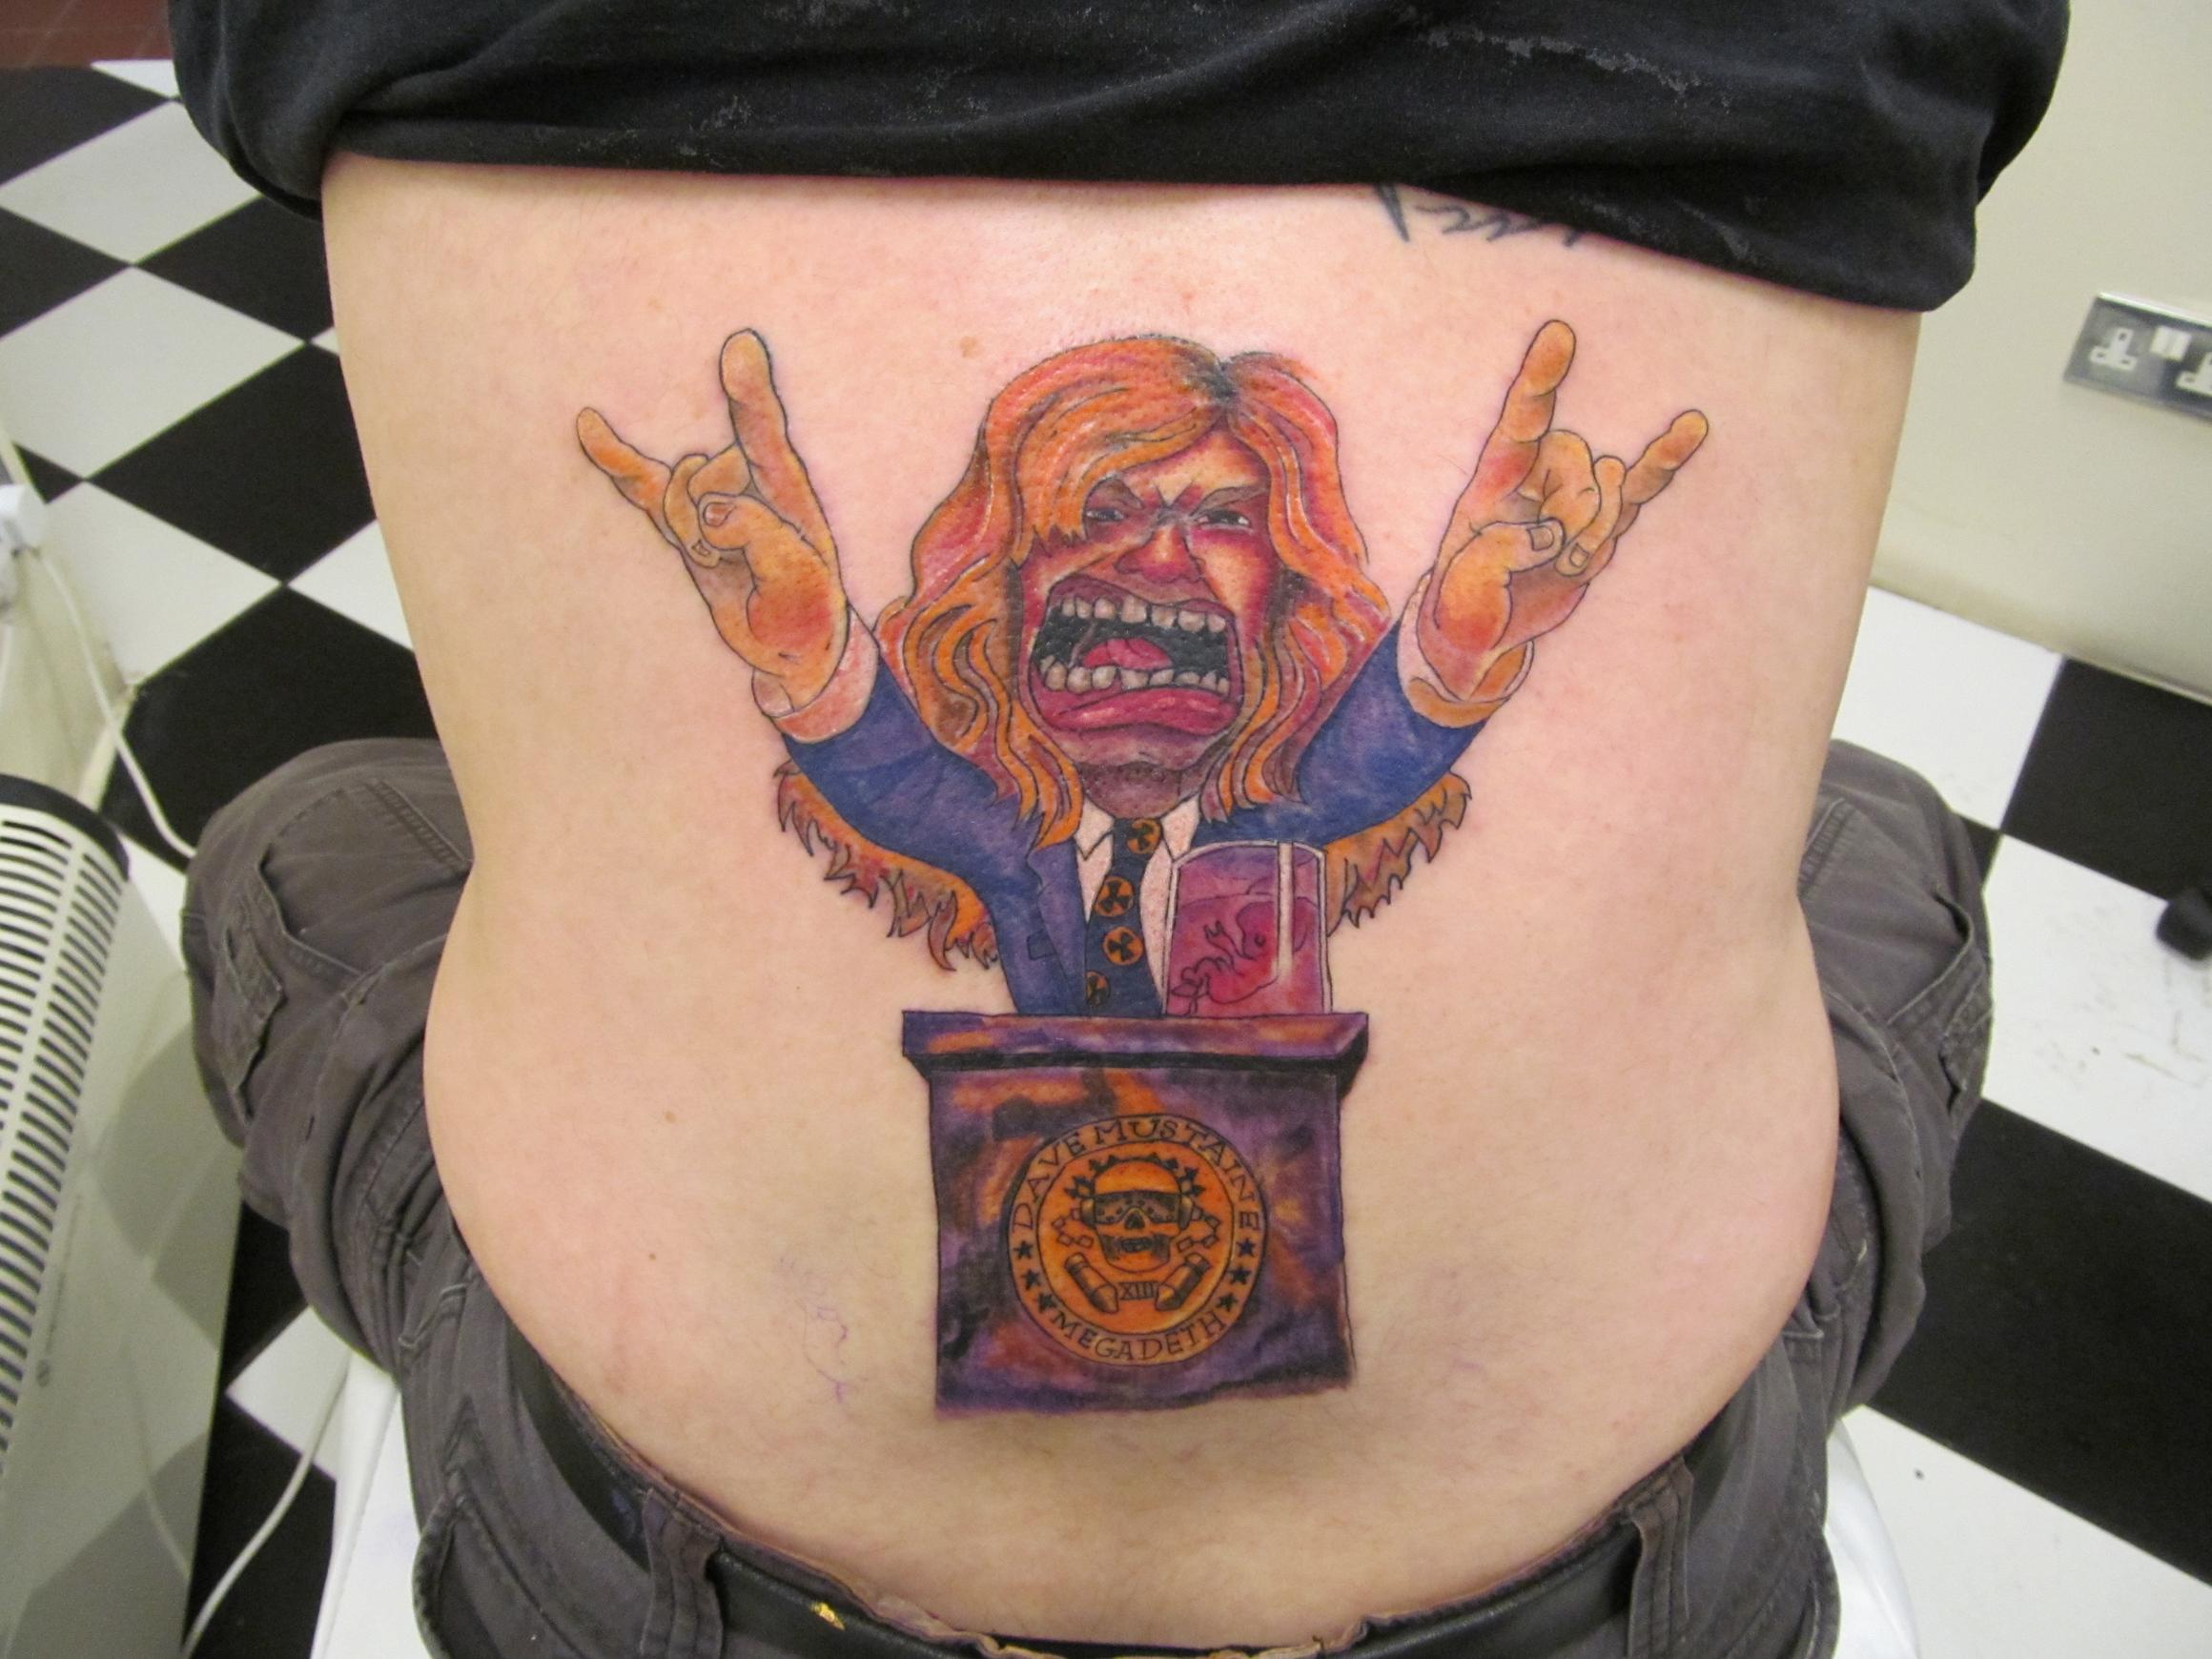 Megadeth Tattoo Designs